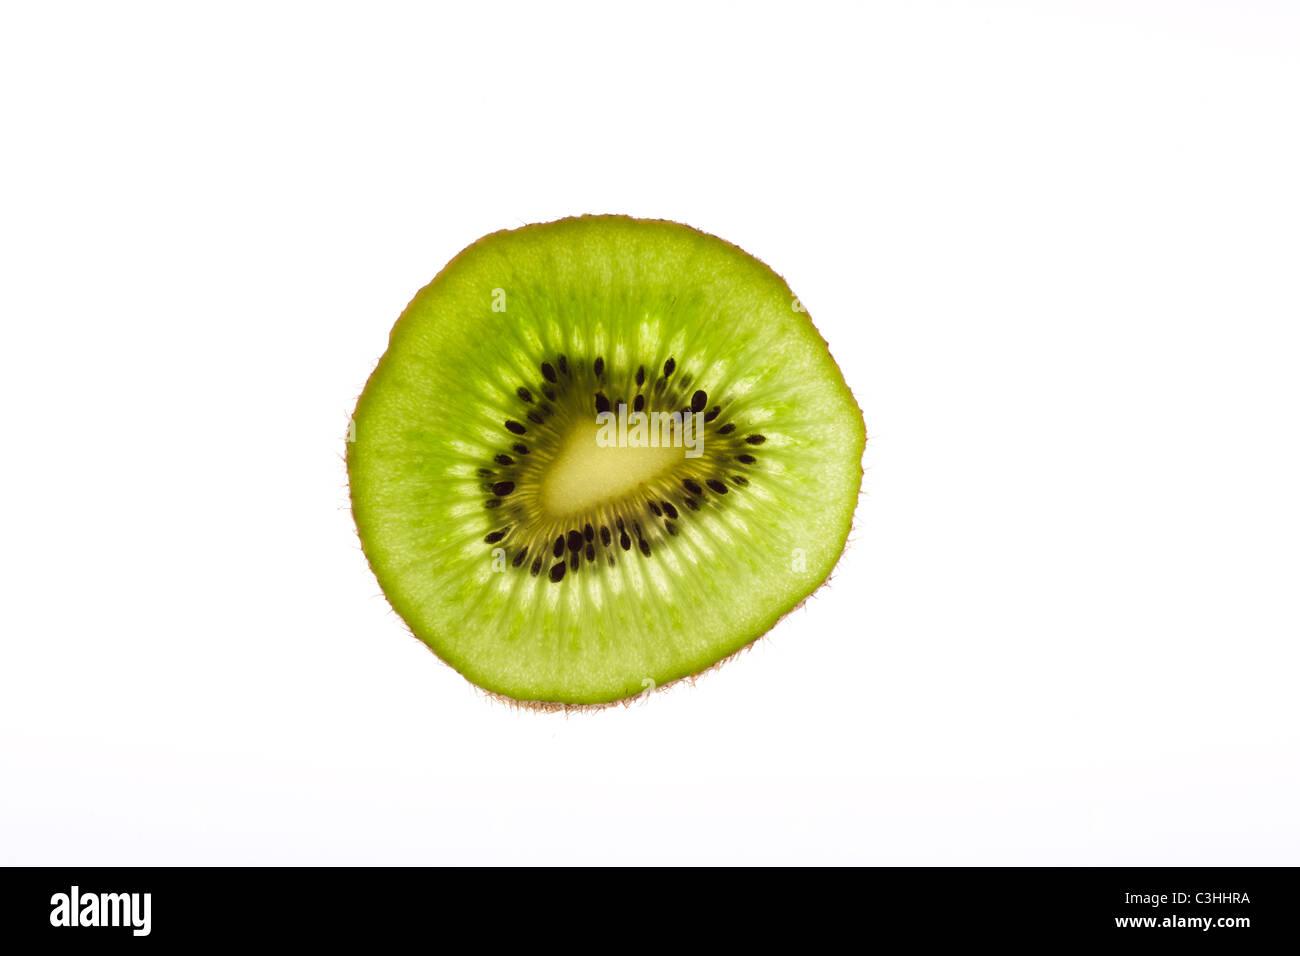 Kiwi slice on white - Stock Image